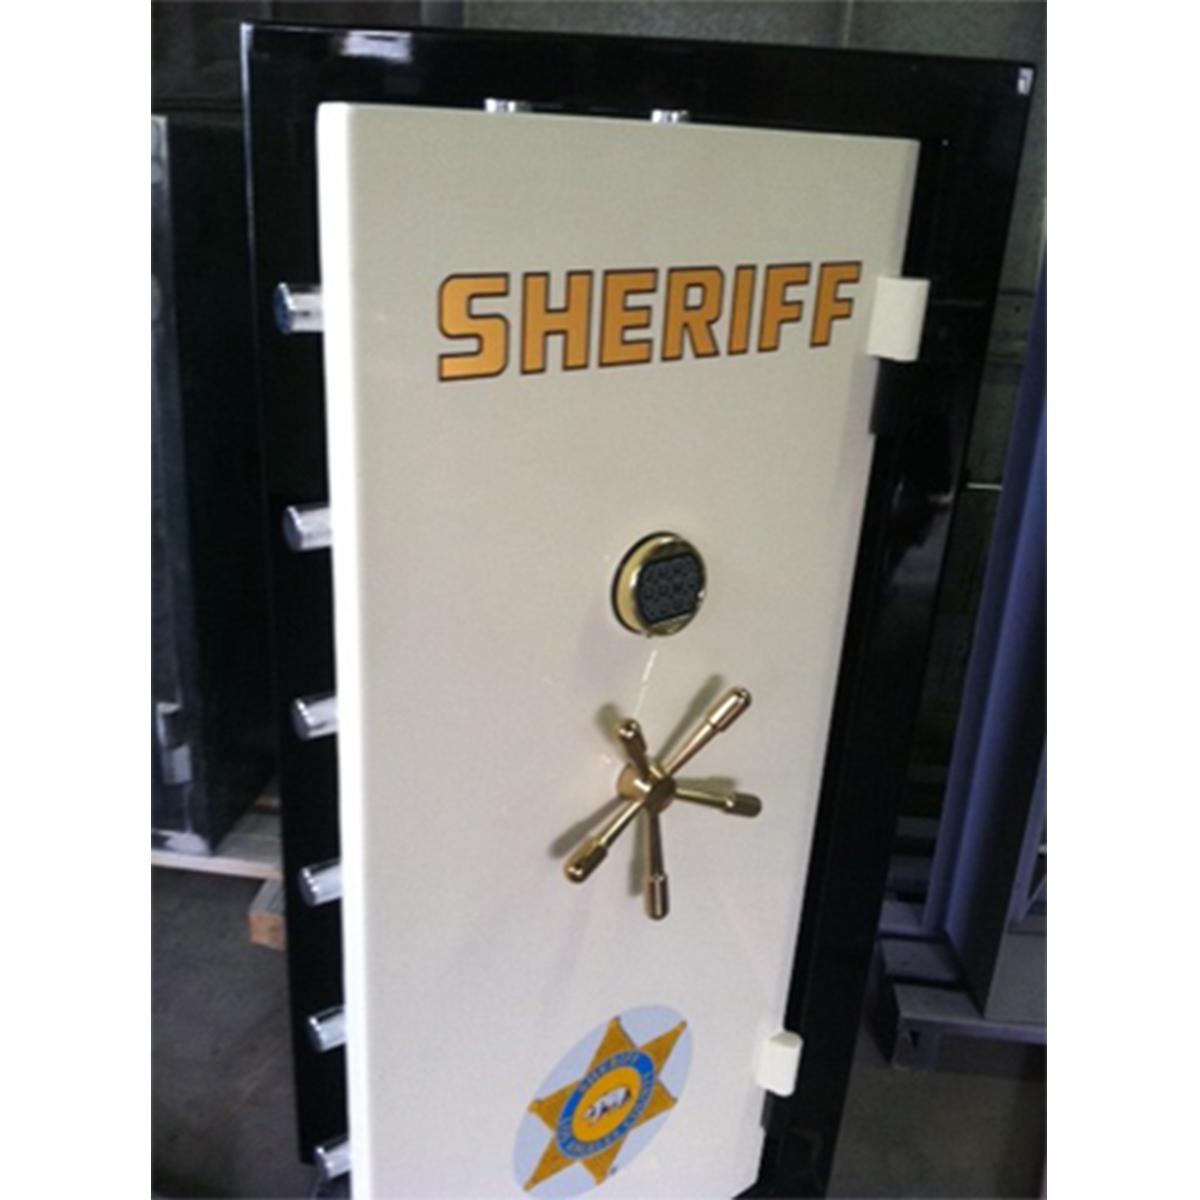 Homeland Safes - American Manufacturer of Gun Safes and